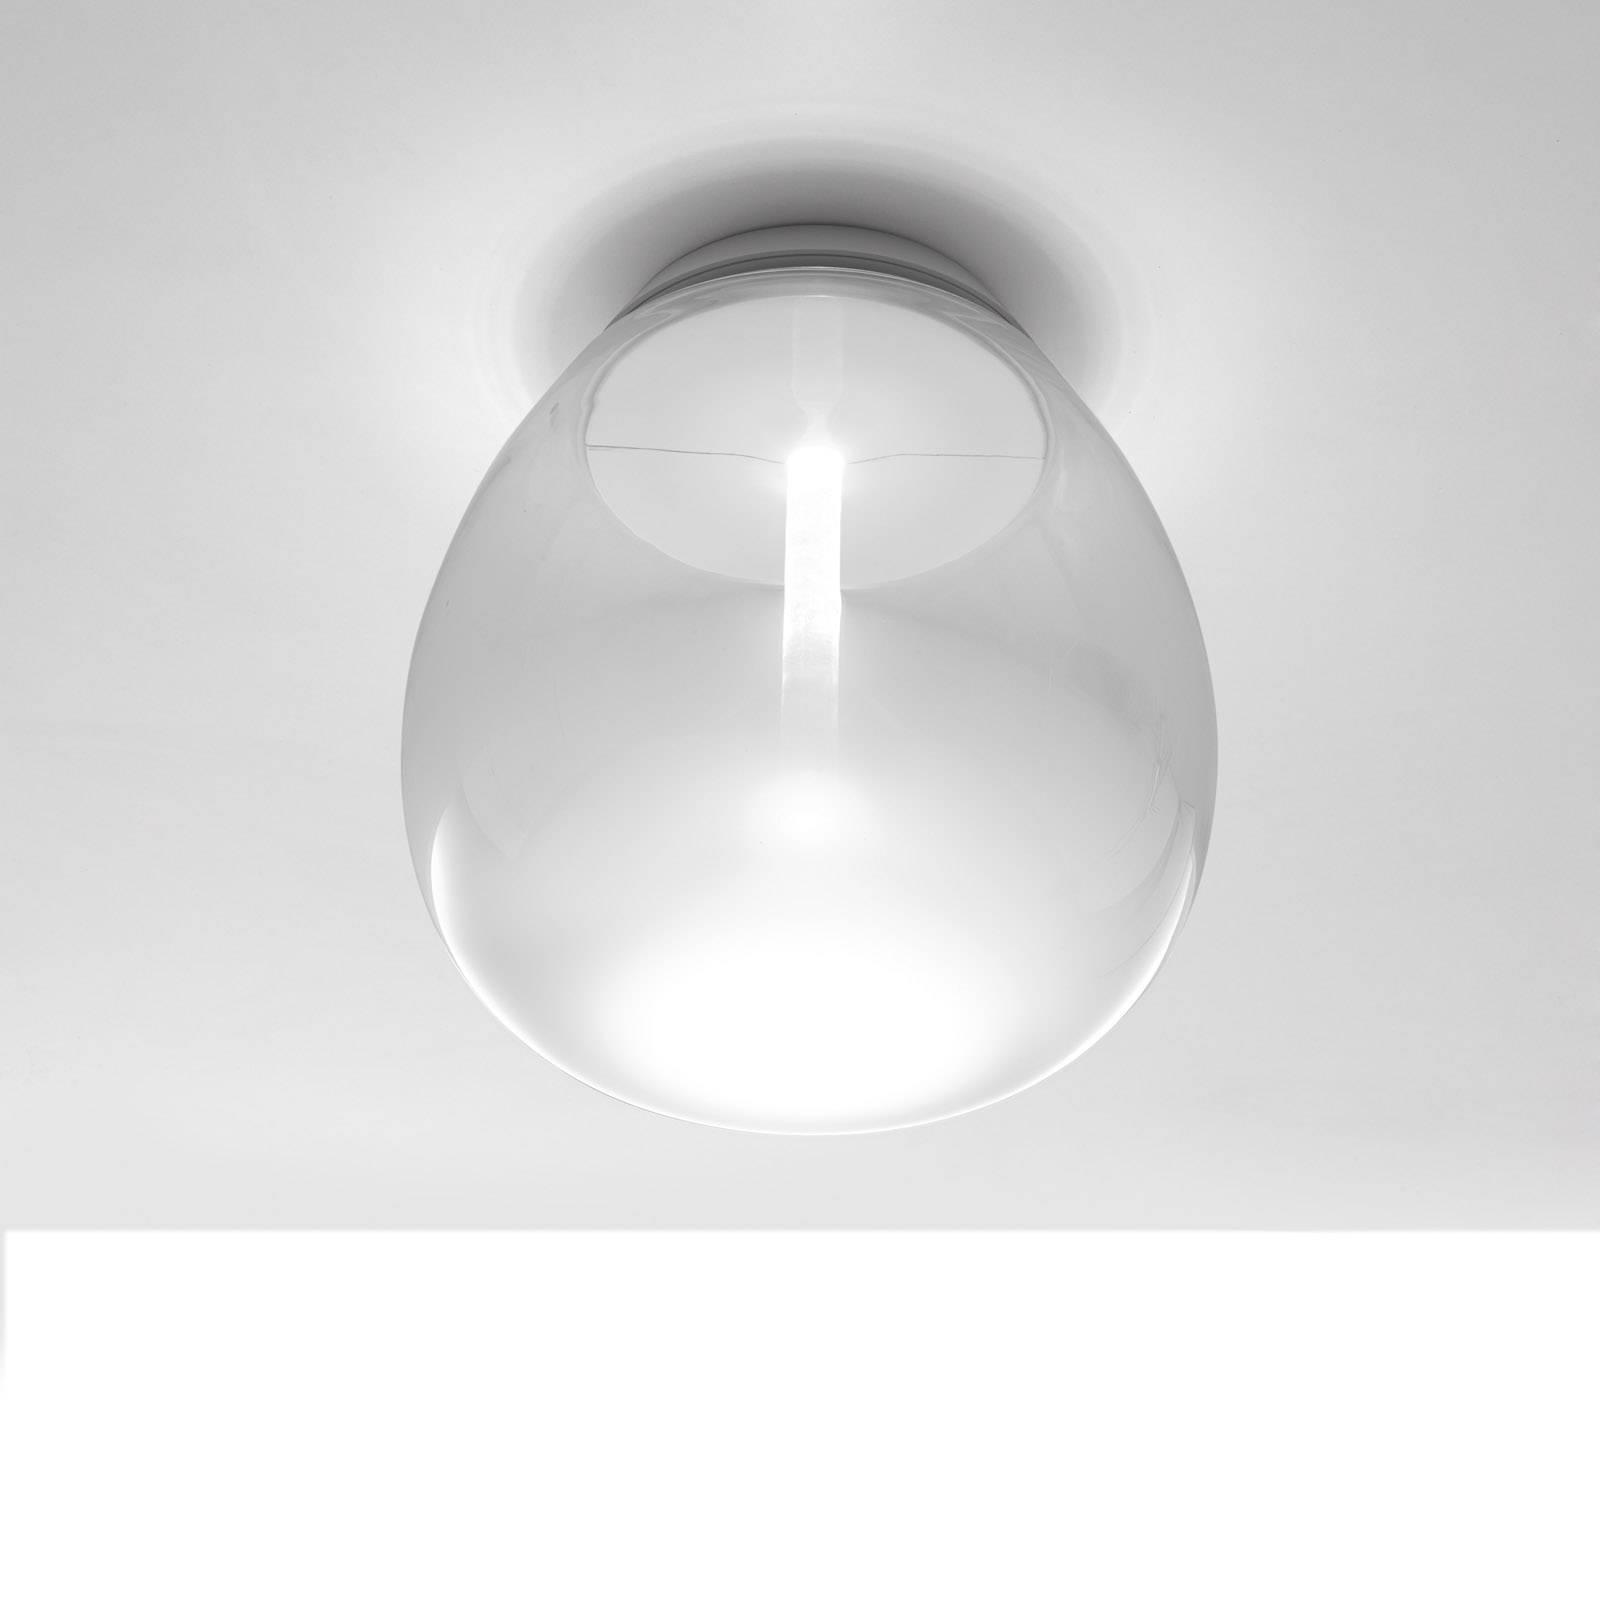 Artemide Empatia LED-Deckenleuchte, Ø 16 cm